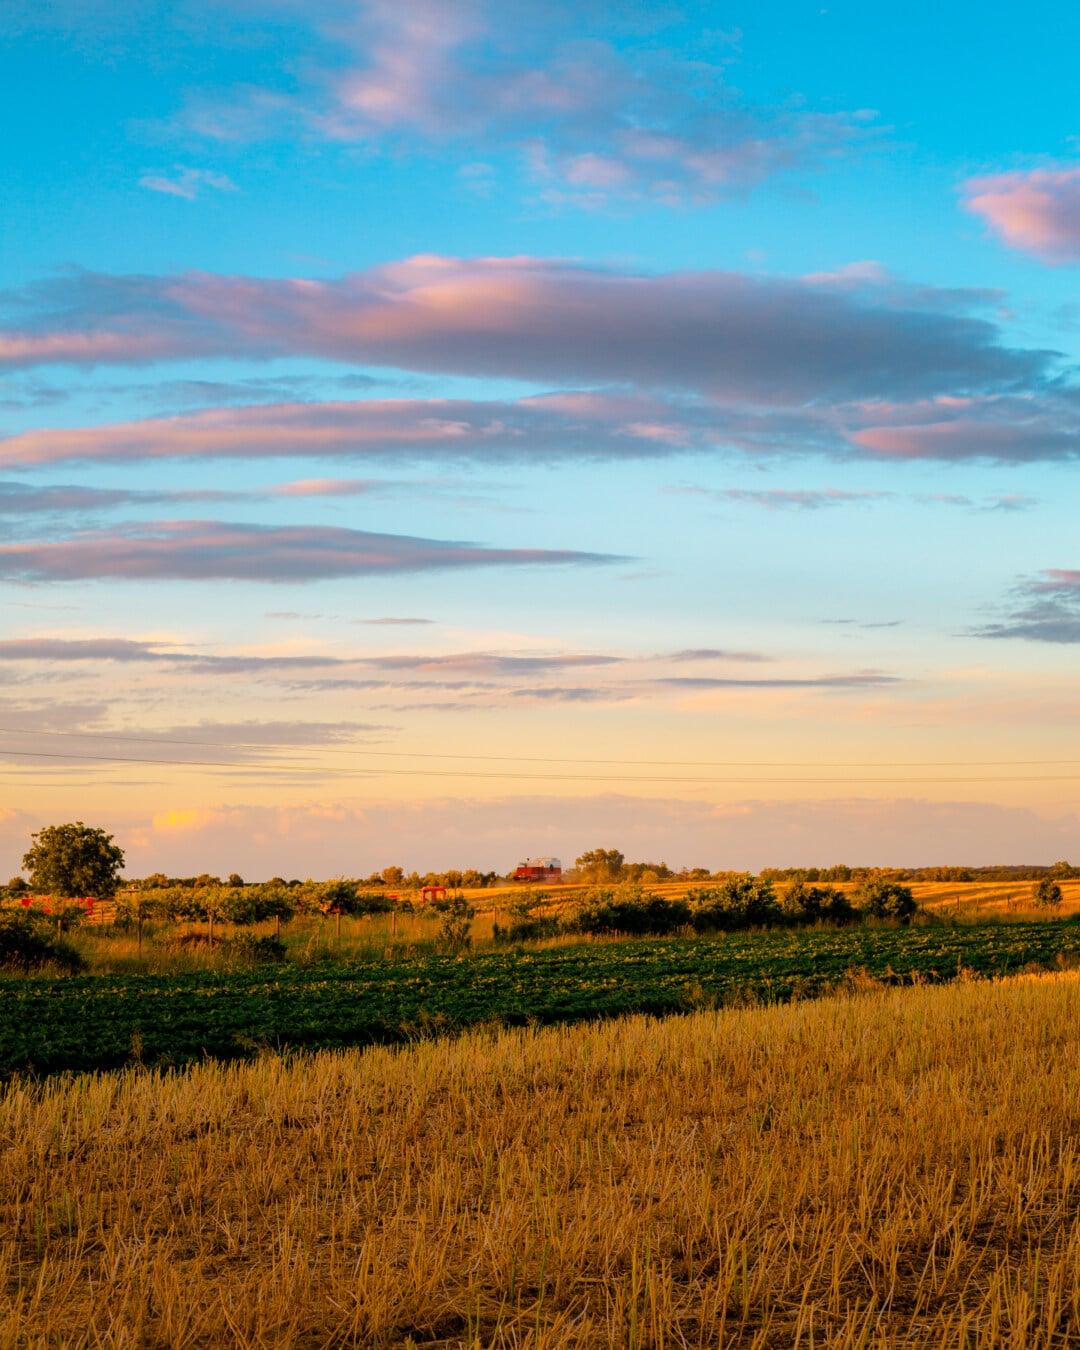 Atmosphäre, Bauernhof, Sonnenuntergang, Landwirtschaft, Landschaft, Feld, Gras, des ländlichen Raums, Natur, Dämmerung